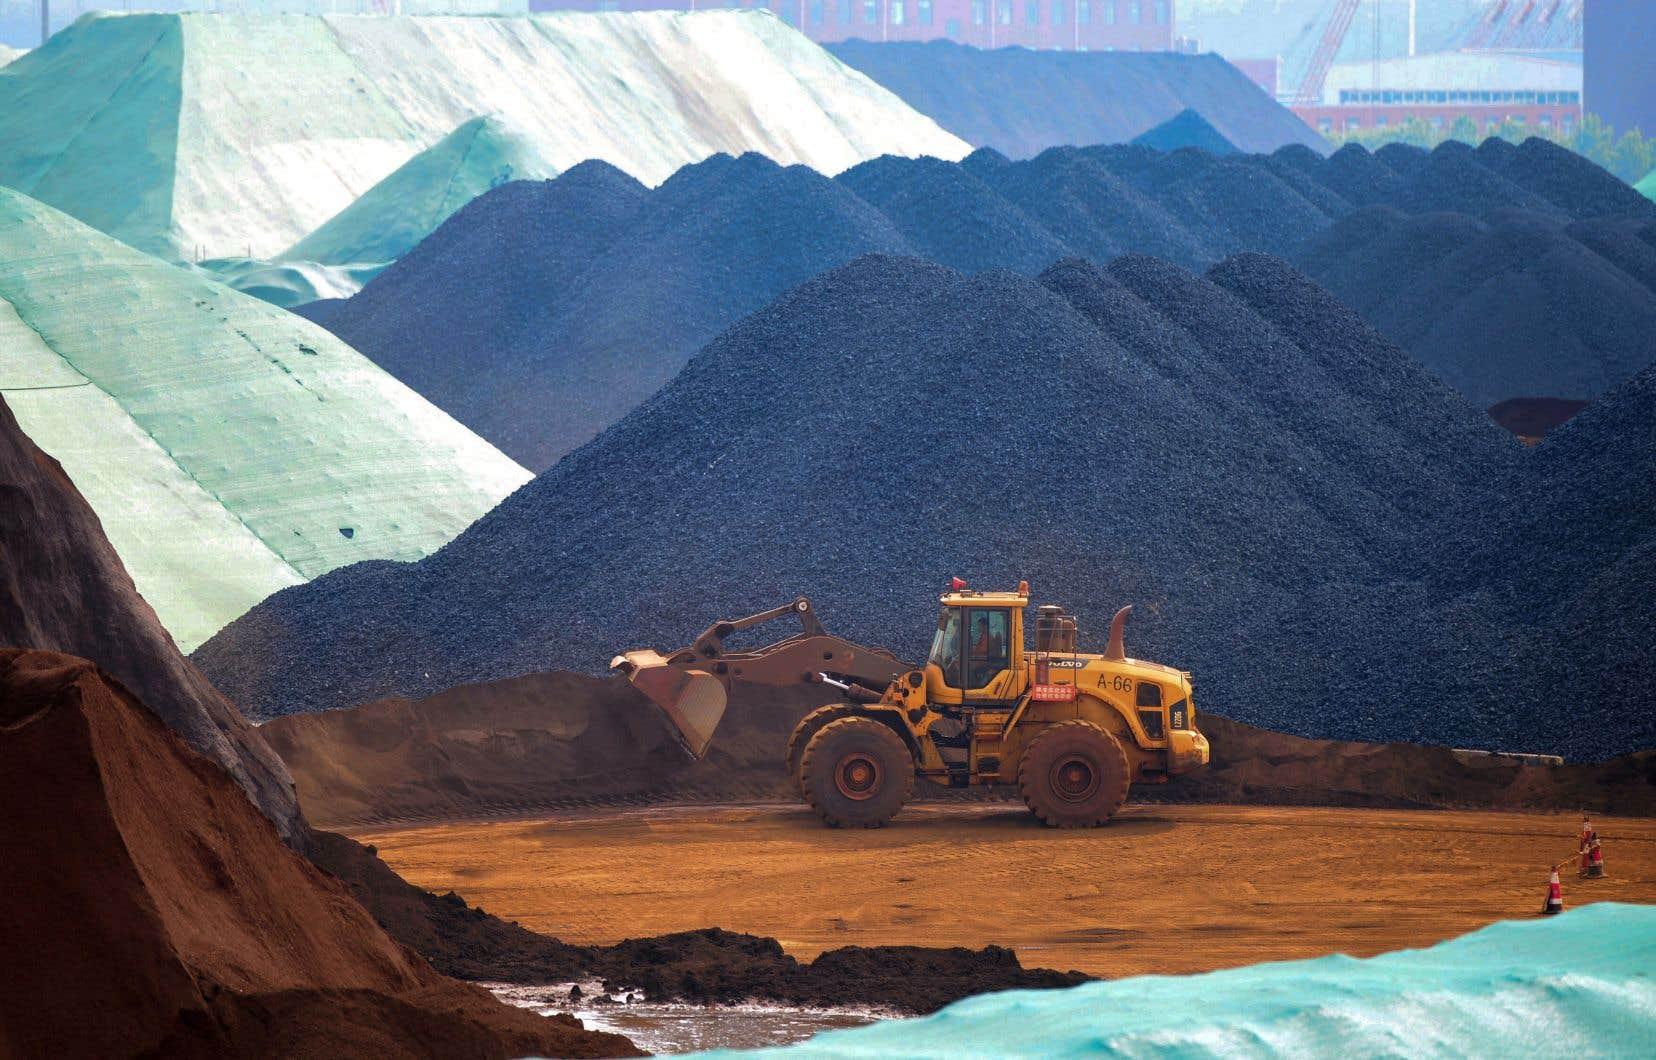 La Chine produit l'essentiel des terres rares de la planète, un ensemble de 17 métaux indispensables aux technologies de pointe et que l'on retrouve dans les téléphones intelligents, les écrans plasma, les véhicules électriques, mais aussi dans l'armement.